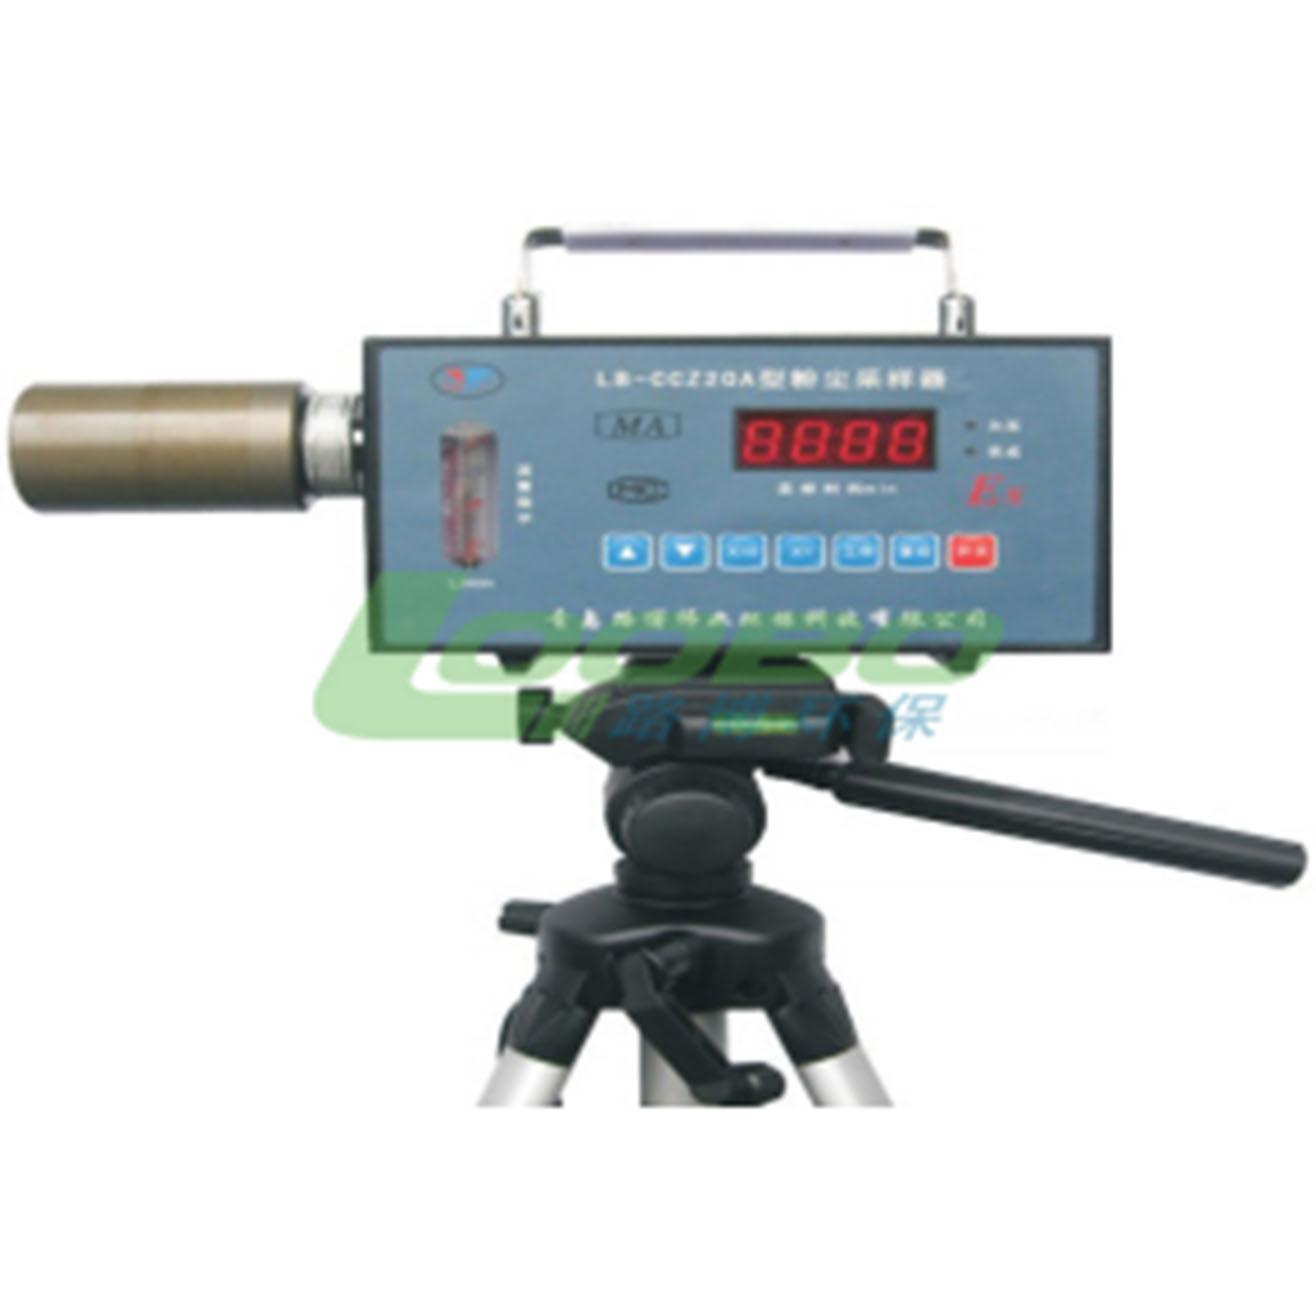 粉尘采样器是一种用于测定环境空气中浮游粉尘浓度的仪器